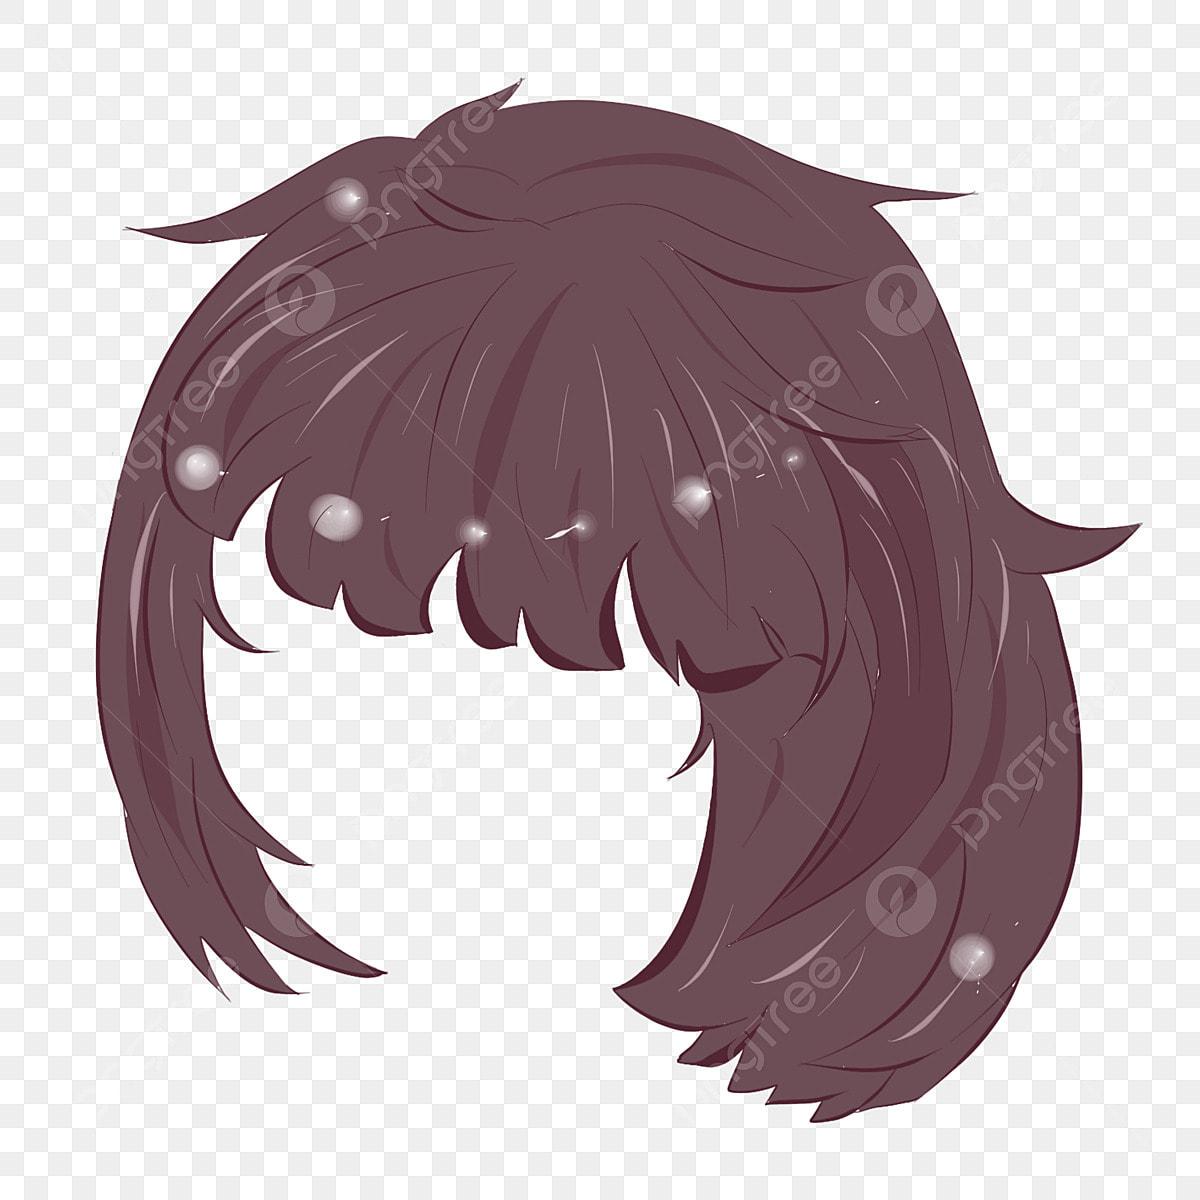 Gambar Gaya Rambut Fesyen Rambut Perempuan Rambut Pendek Gaya Clipart Rambut Gaya Rambut Fesyen Rambut Kanak Kanak Perempuan Png Dan Psd Untuk Muat Turun Percuma